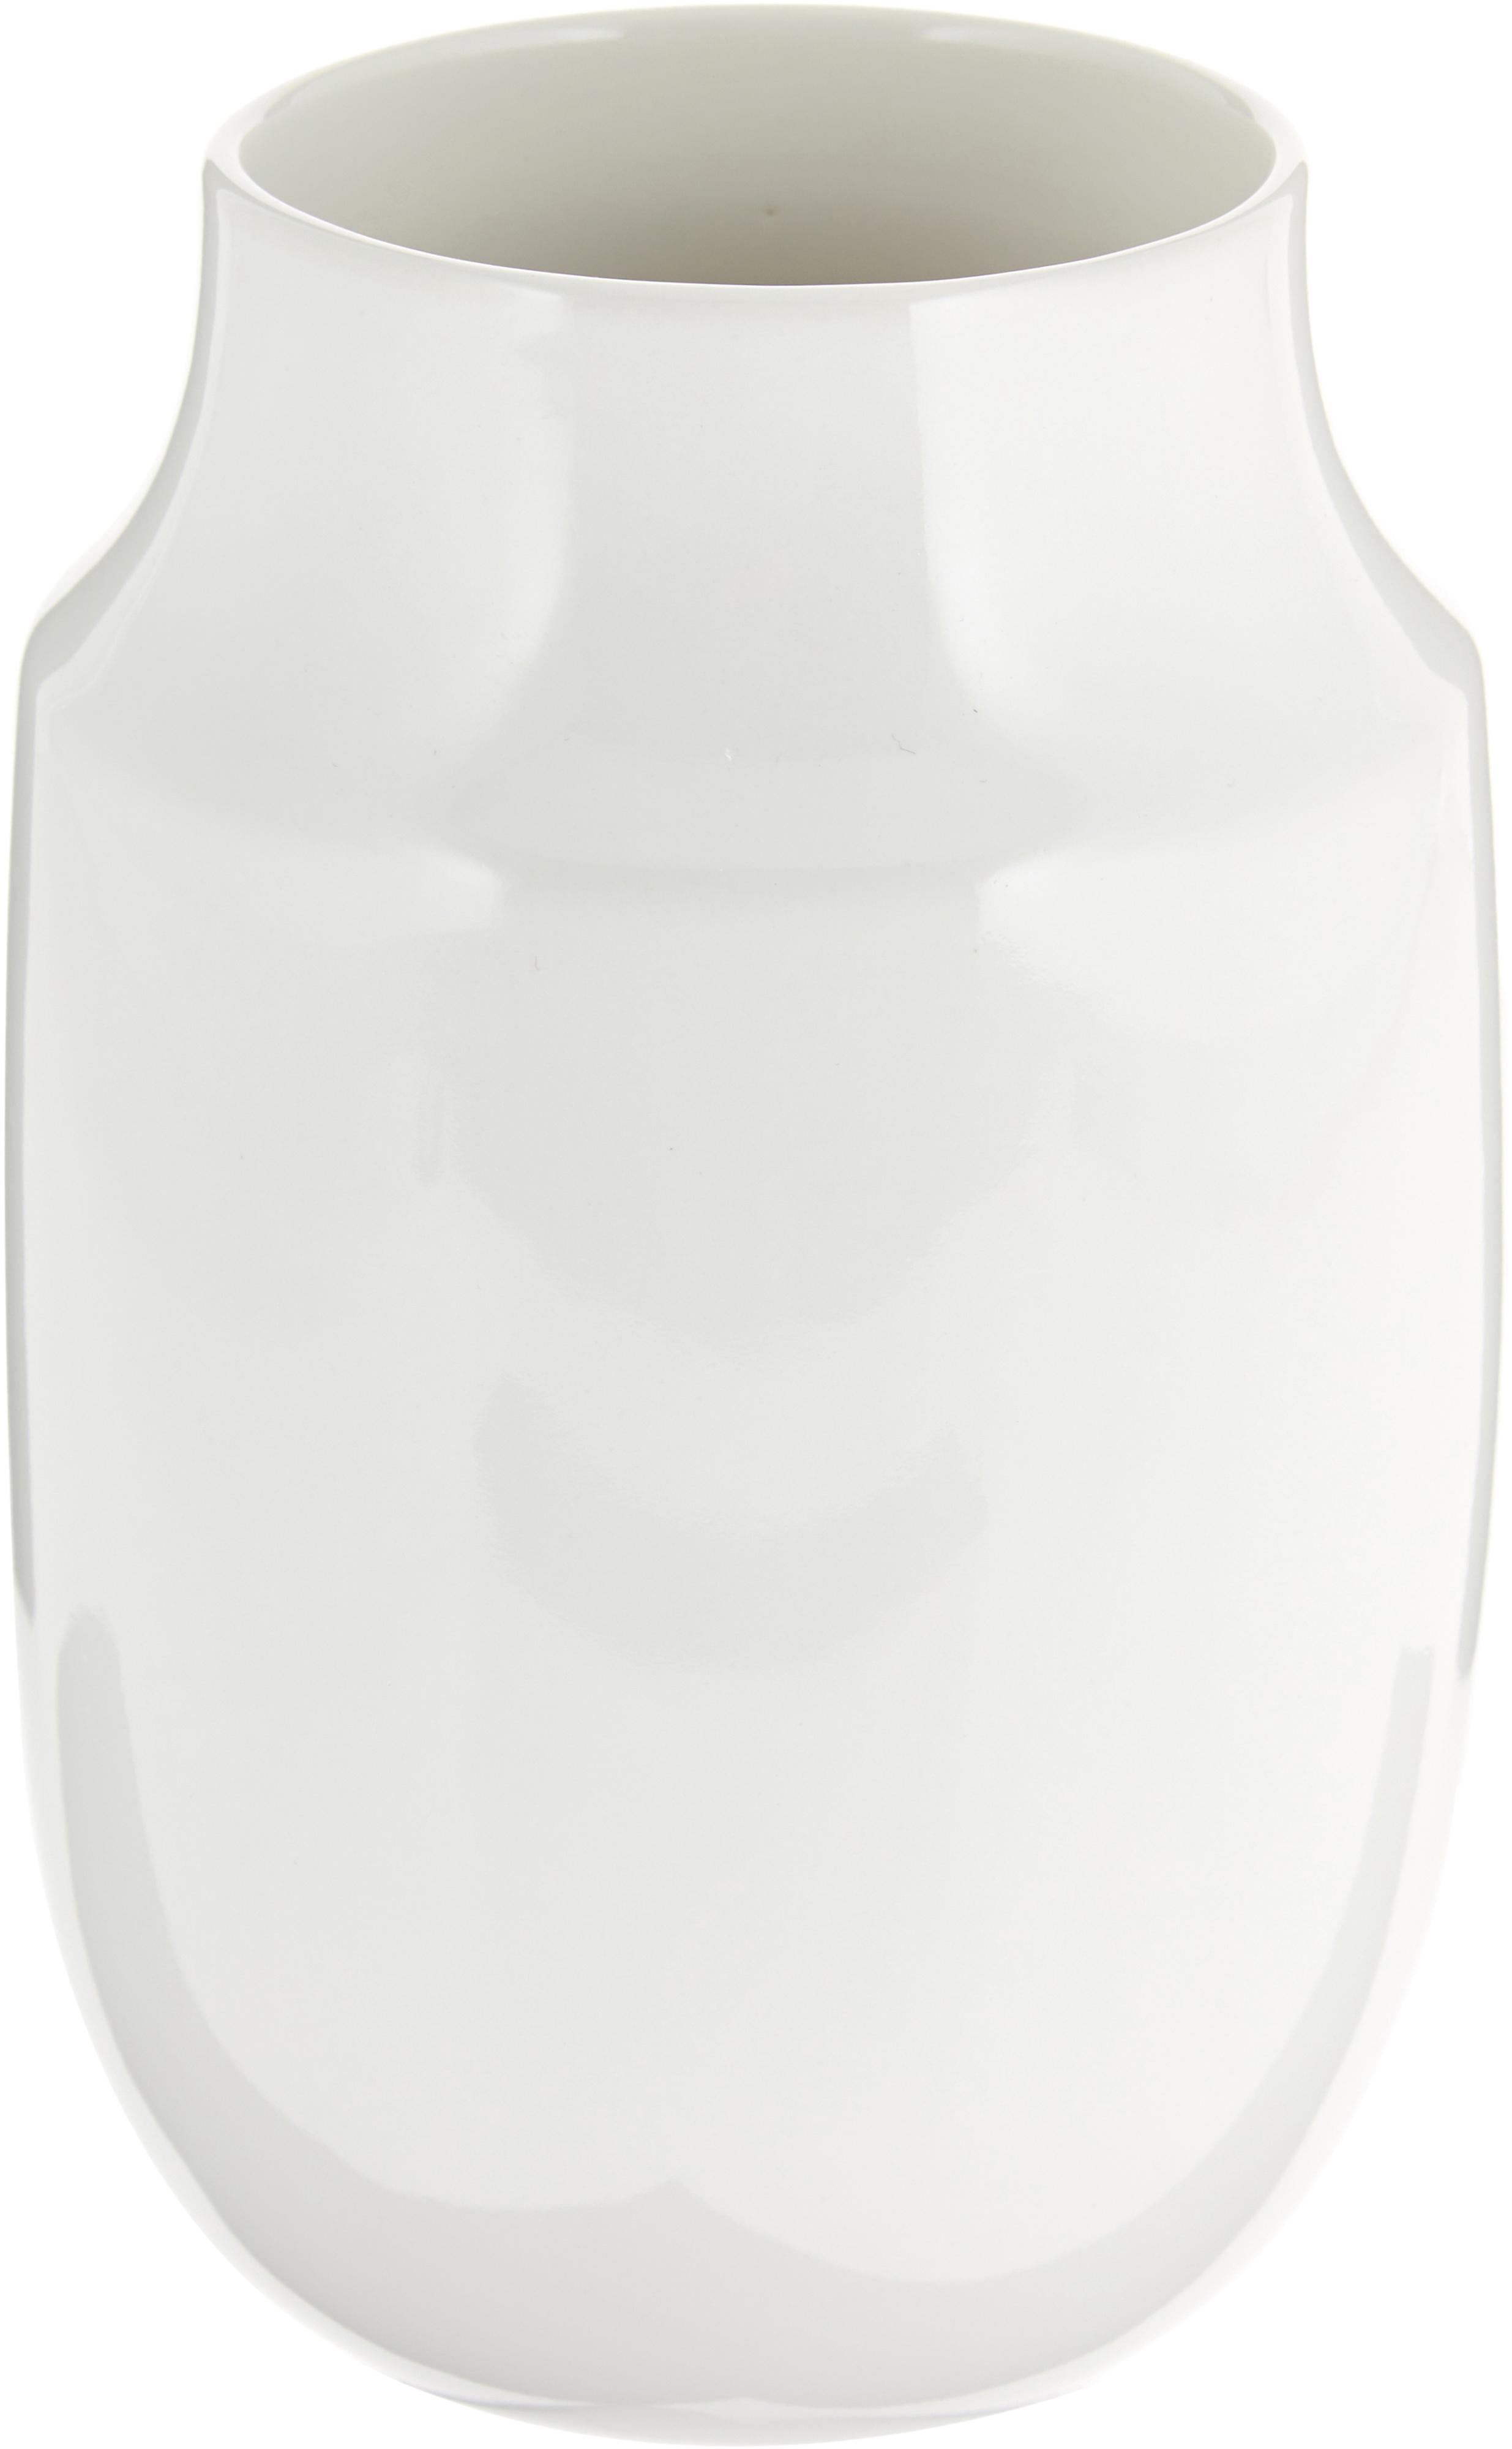 Vaso fatto a mano Valeria, Ceramica, Bianco lucido, Ø 13 x Alt. 20 cm